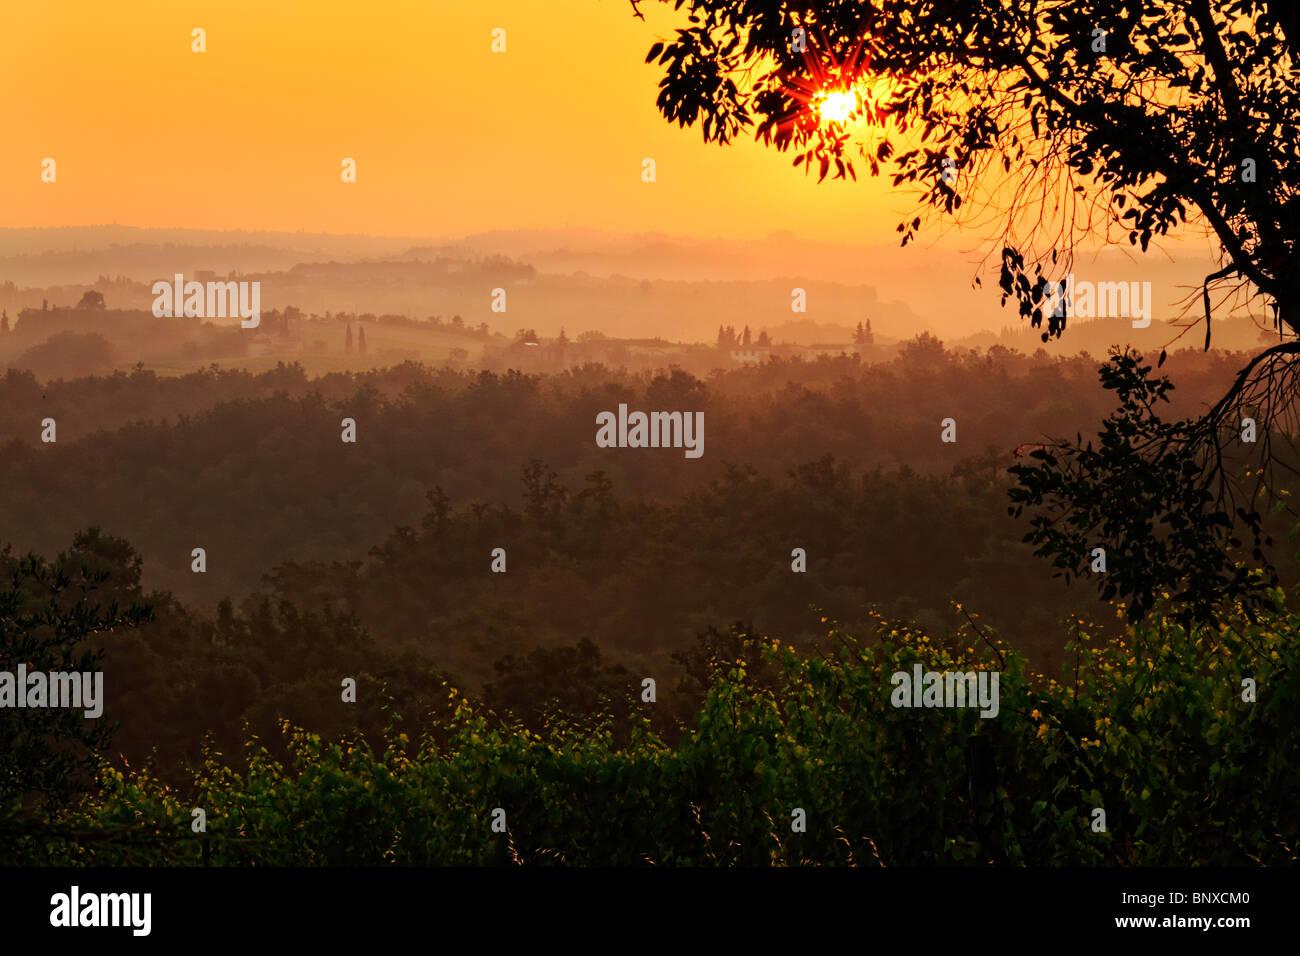 Il paesaggio toscano che circonda San Gimignano, Italia presso sunrise Immagini Stock